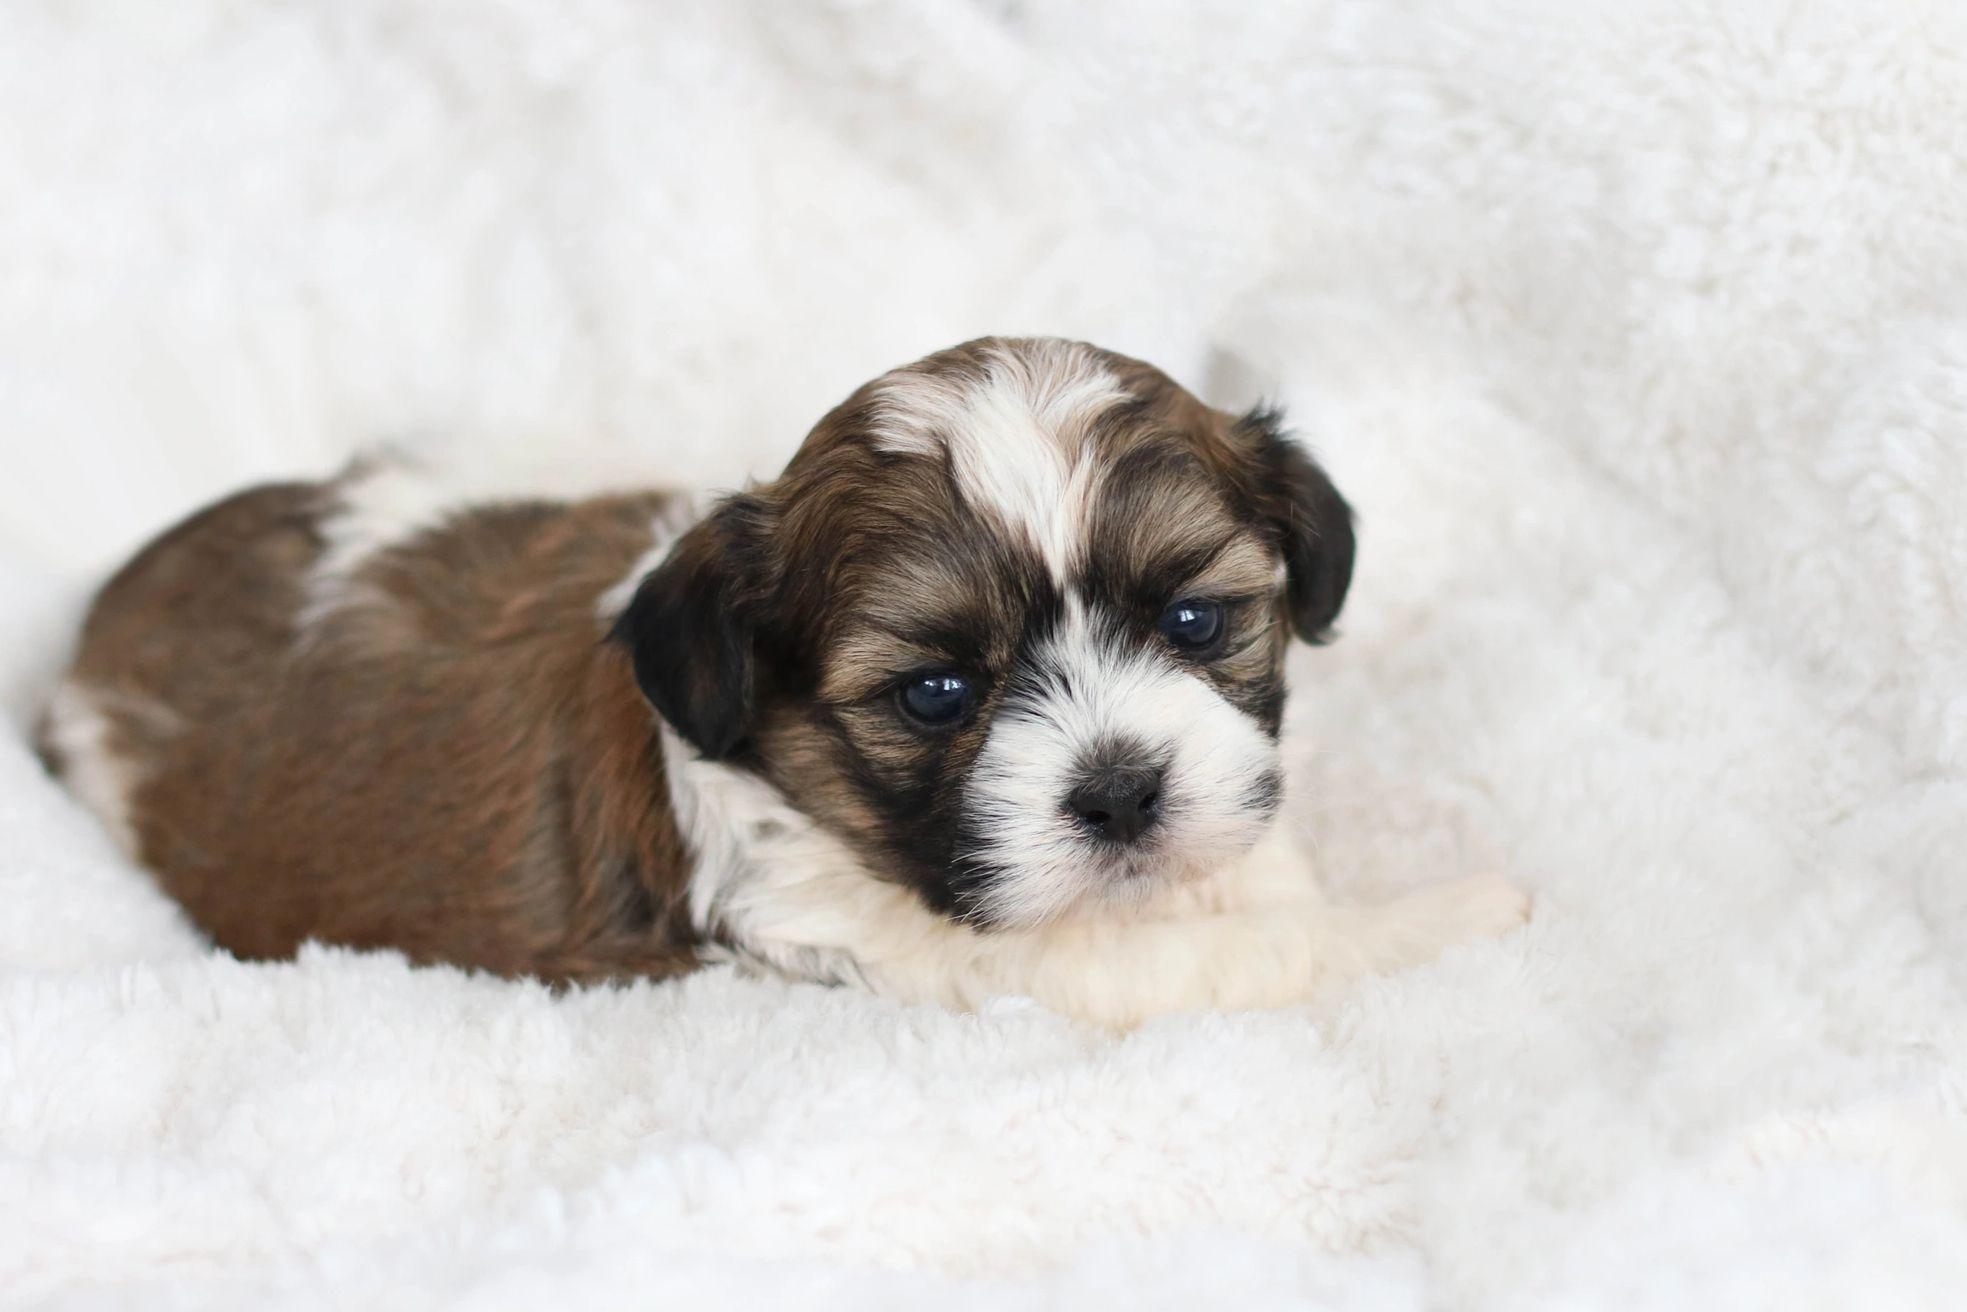 Zuchon puppies for sale in florida